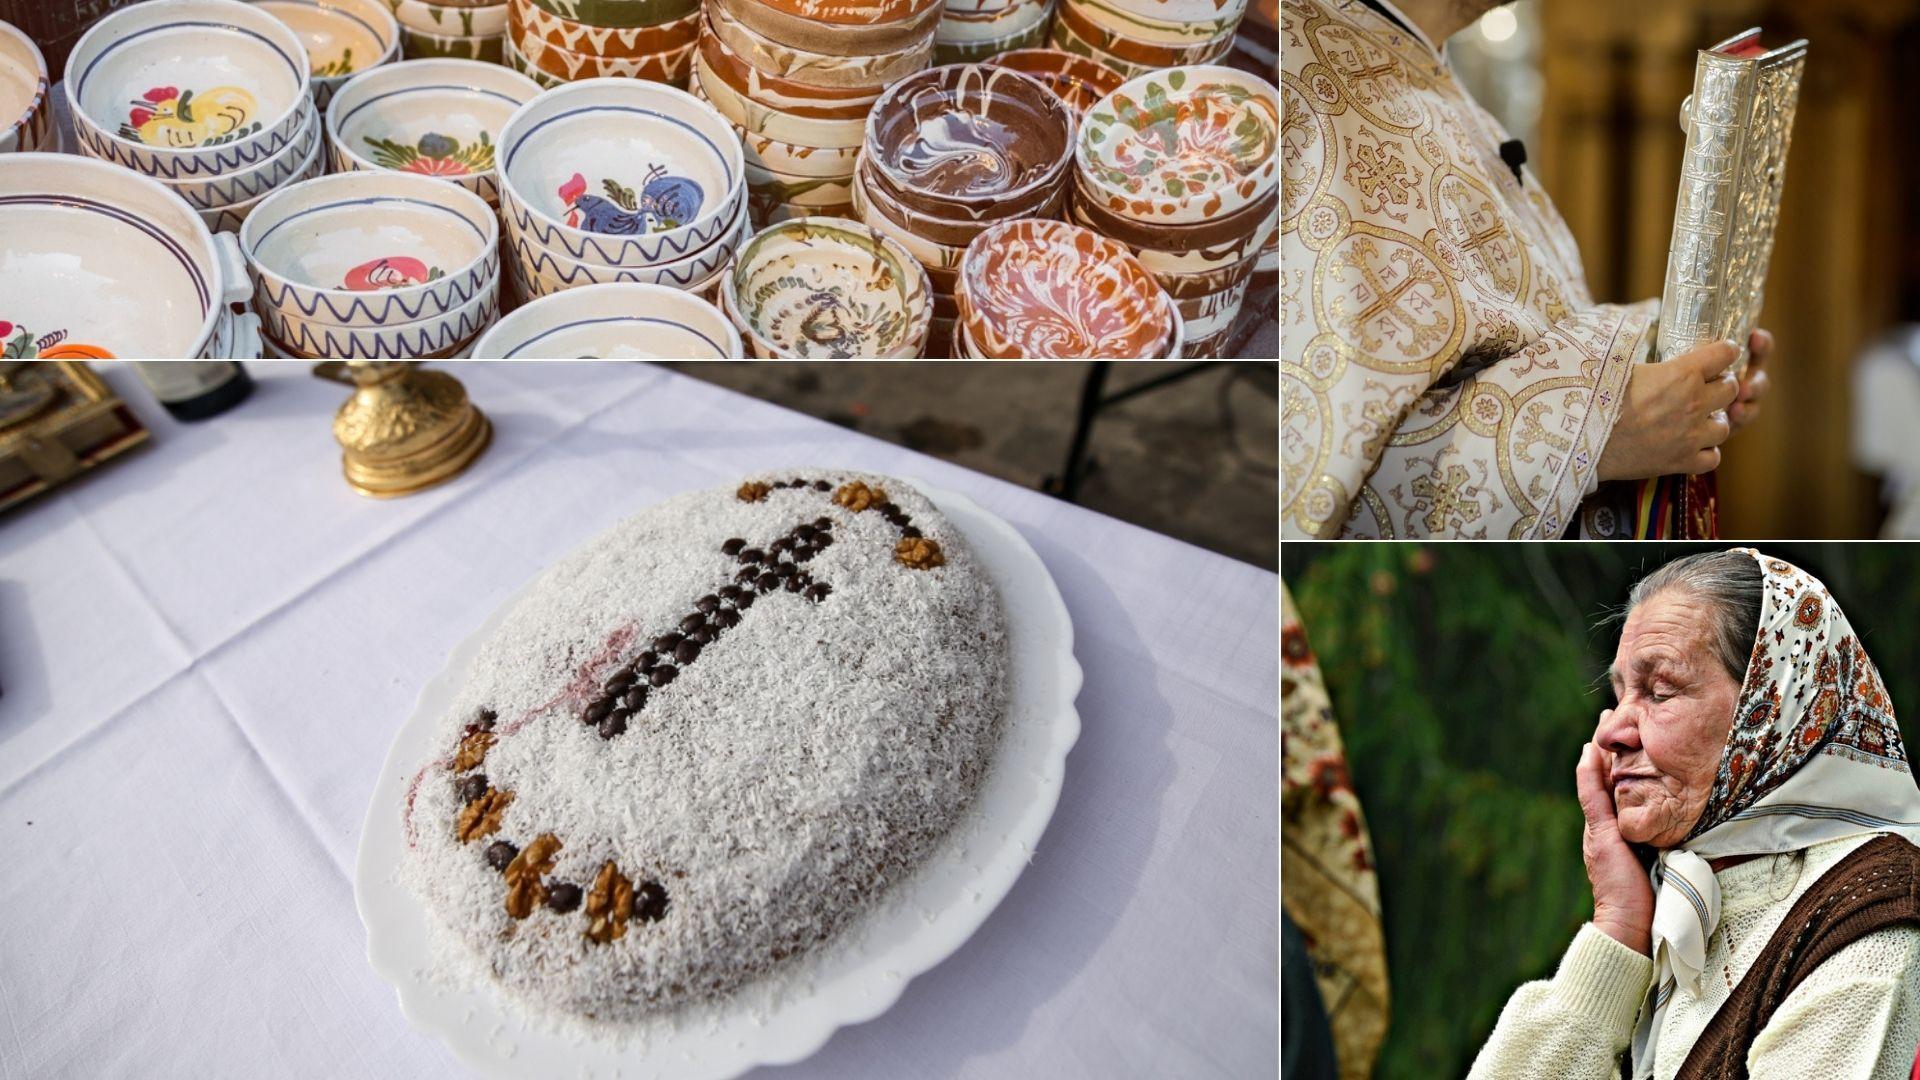 Moșii de vară 2021: tradiții, obiceiuri și superstiții. Ce se împarte și ce nu e bine să faci în Sâmbăta Morților